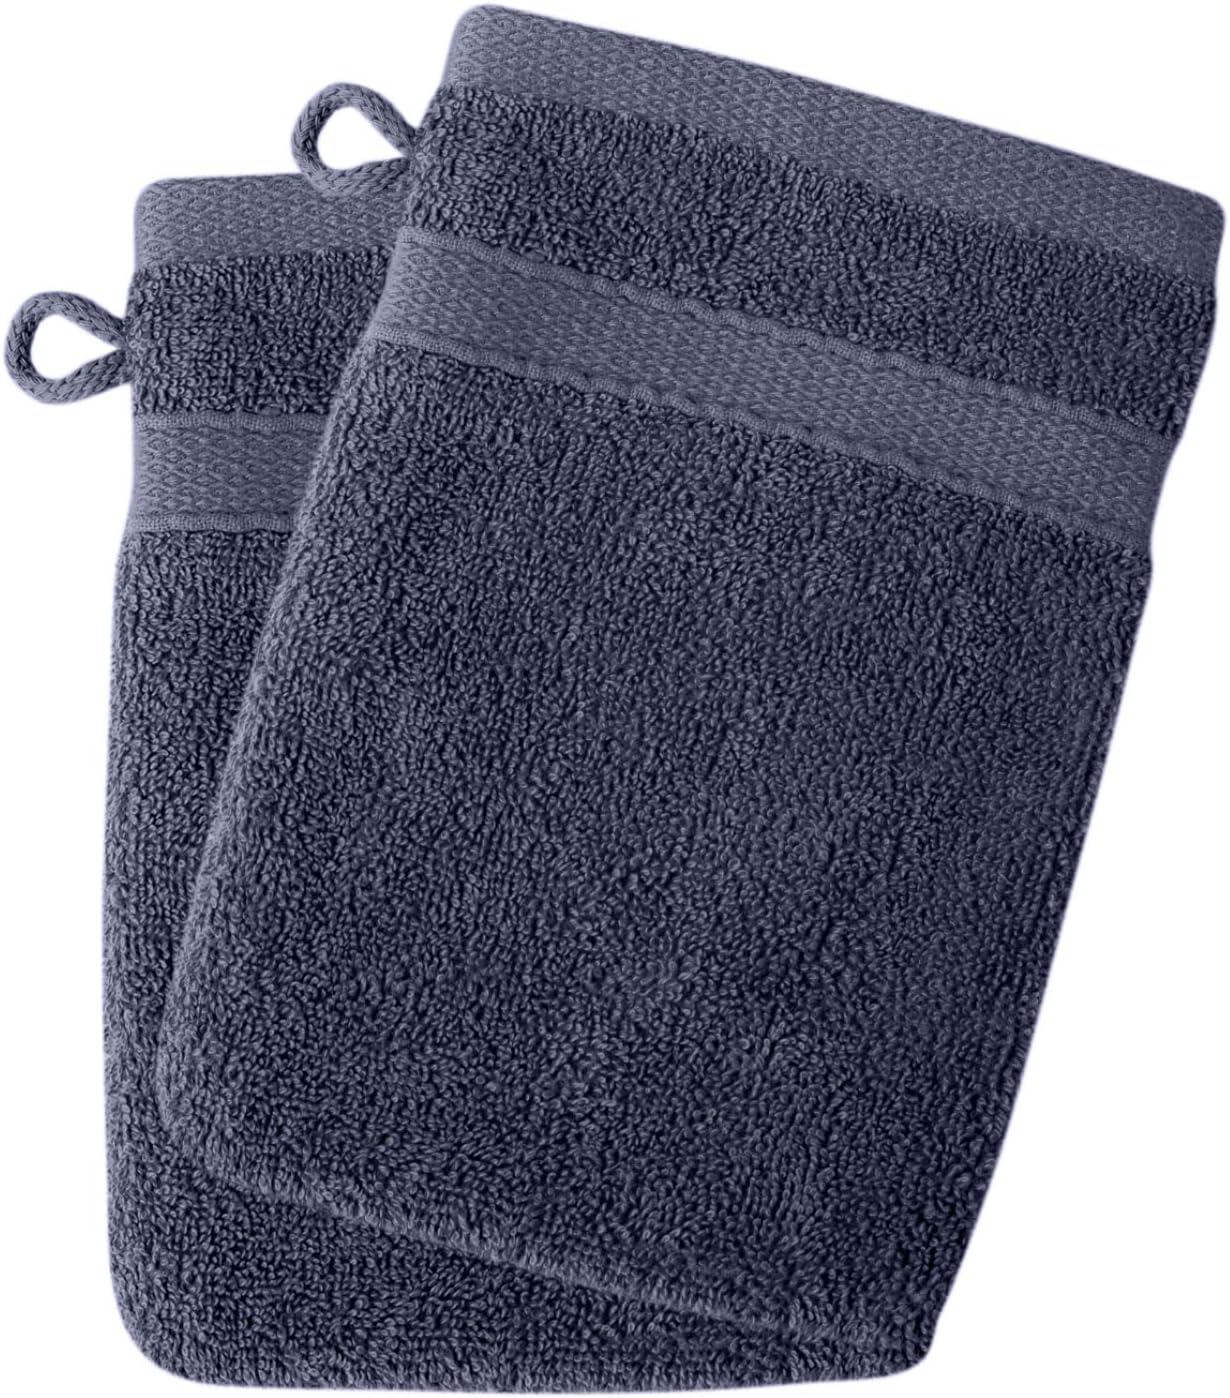 Set di 2 Guanti da Bagno 16 x 21 cm Set da 2 Titre Morbidi e assorbenti 500 g//m2 100/% Cotone Bianco ecologici Senza Prodotti chimici Oeko-Tex 2 Guanti da Bagno SOHYGGE